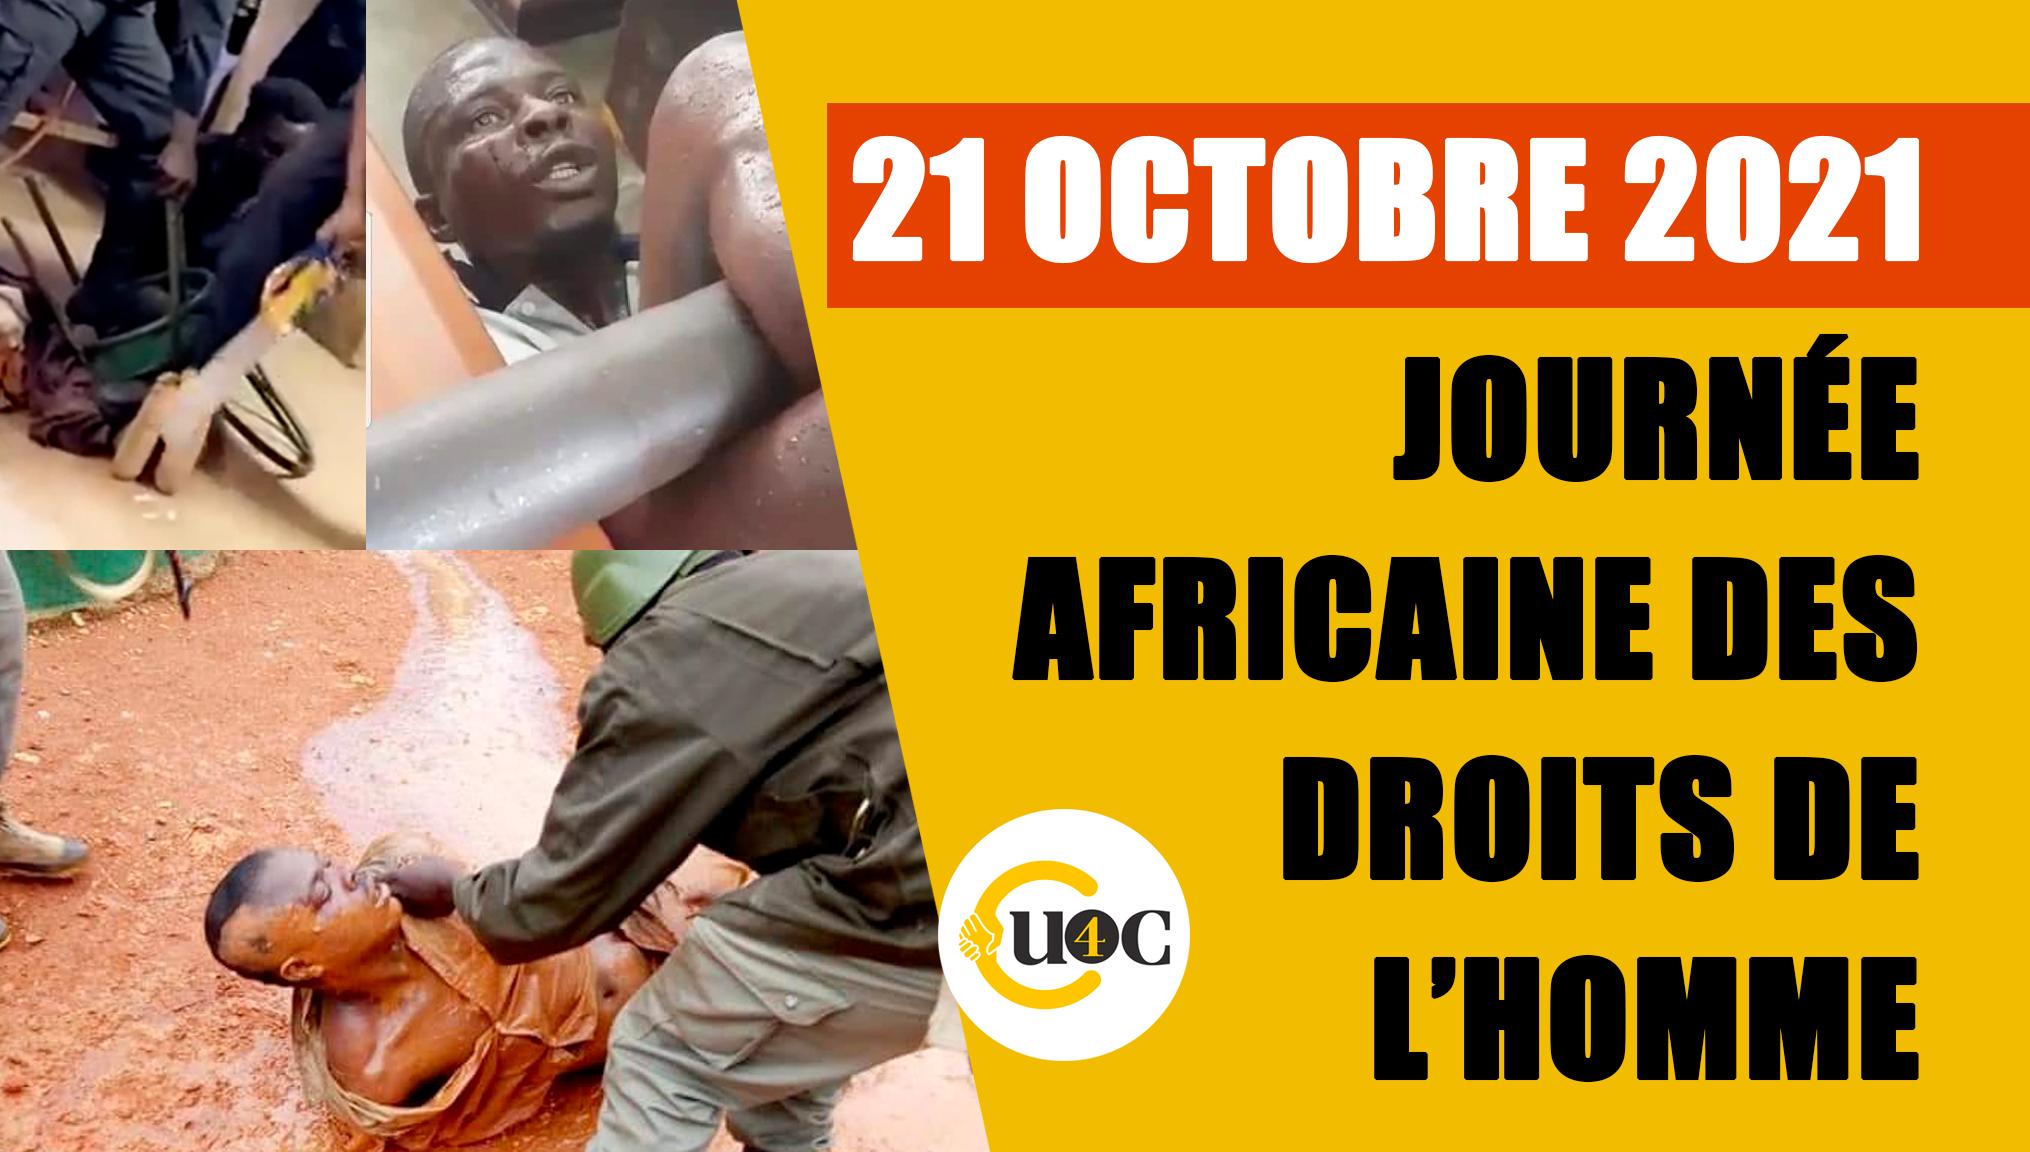 Journée africaine des droits de l'Homme, le Cameroun 135ème sur 139 pays